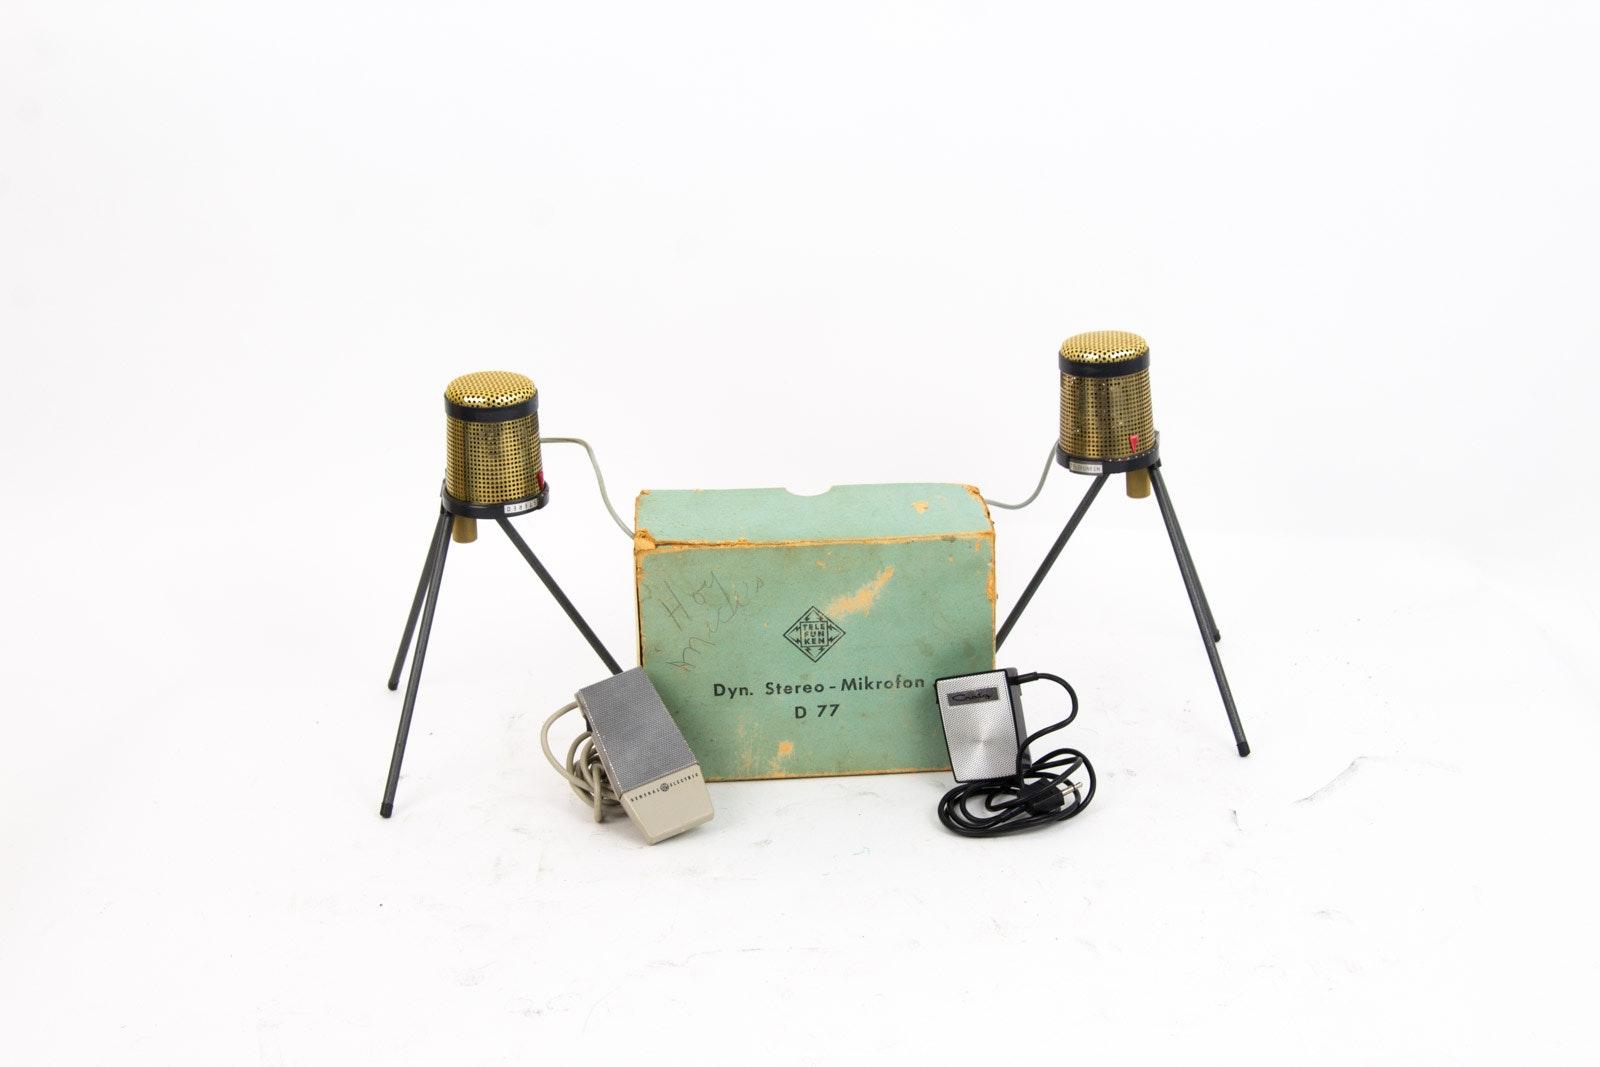 Pair of Vintage Telefunken D-77 Dynamic Stereo Microphones